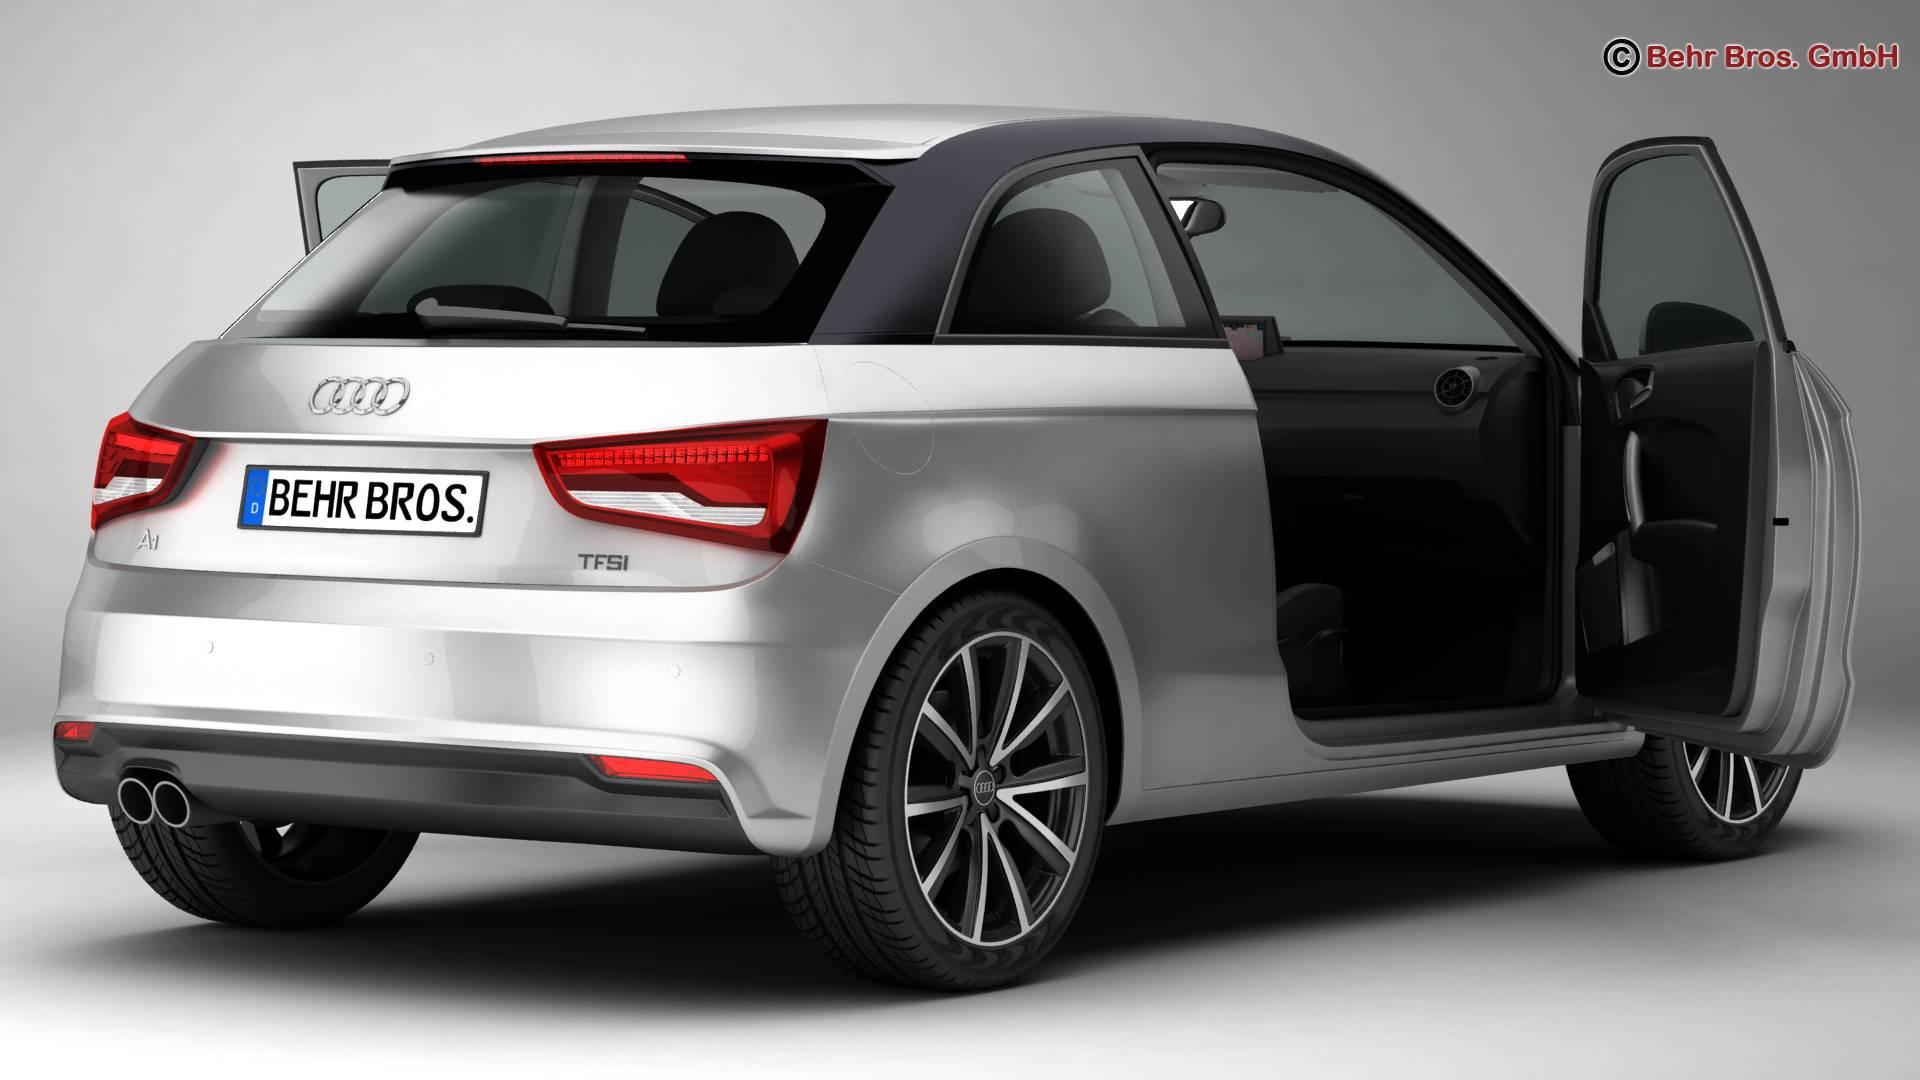 Audi a1 2015 3d model 3ds max fbx c4d am fwy o wybodaeth 214699